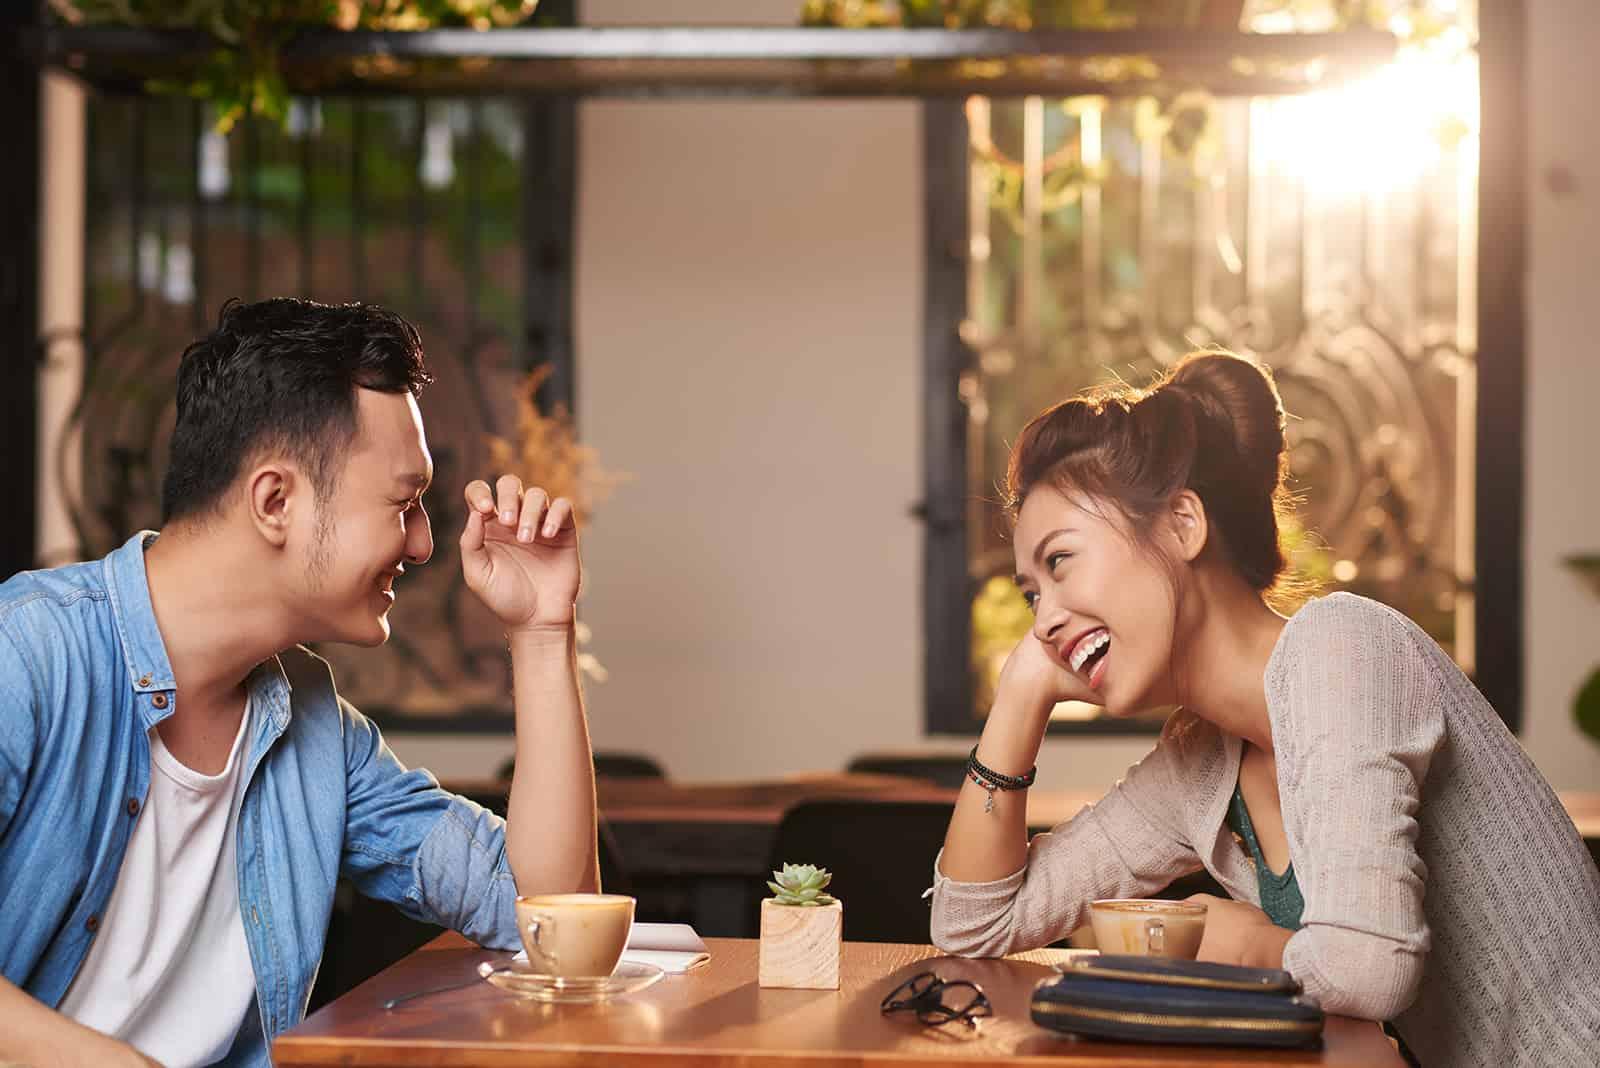 Ein lachender Mann und eine lachende Frau sitzen bei einem Date im Café